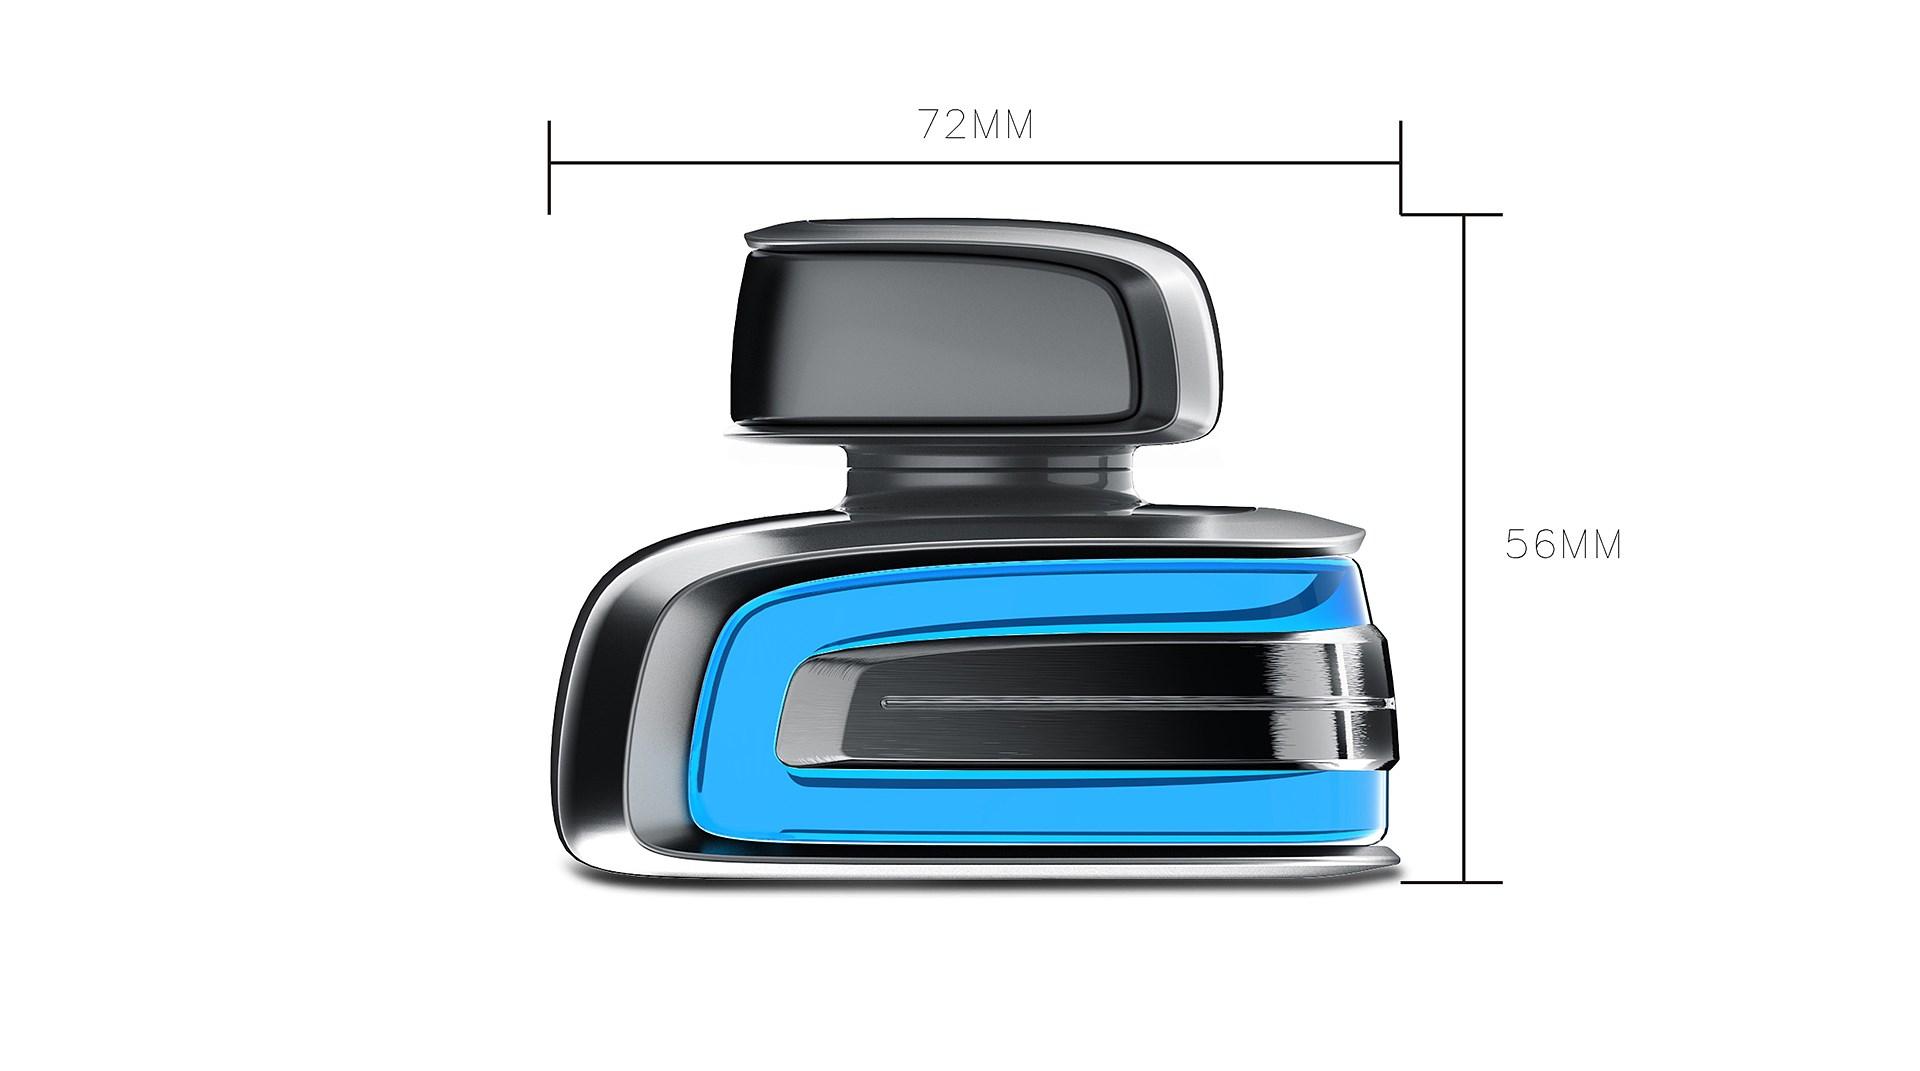 香水瓶工业设计5.jpg